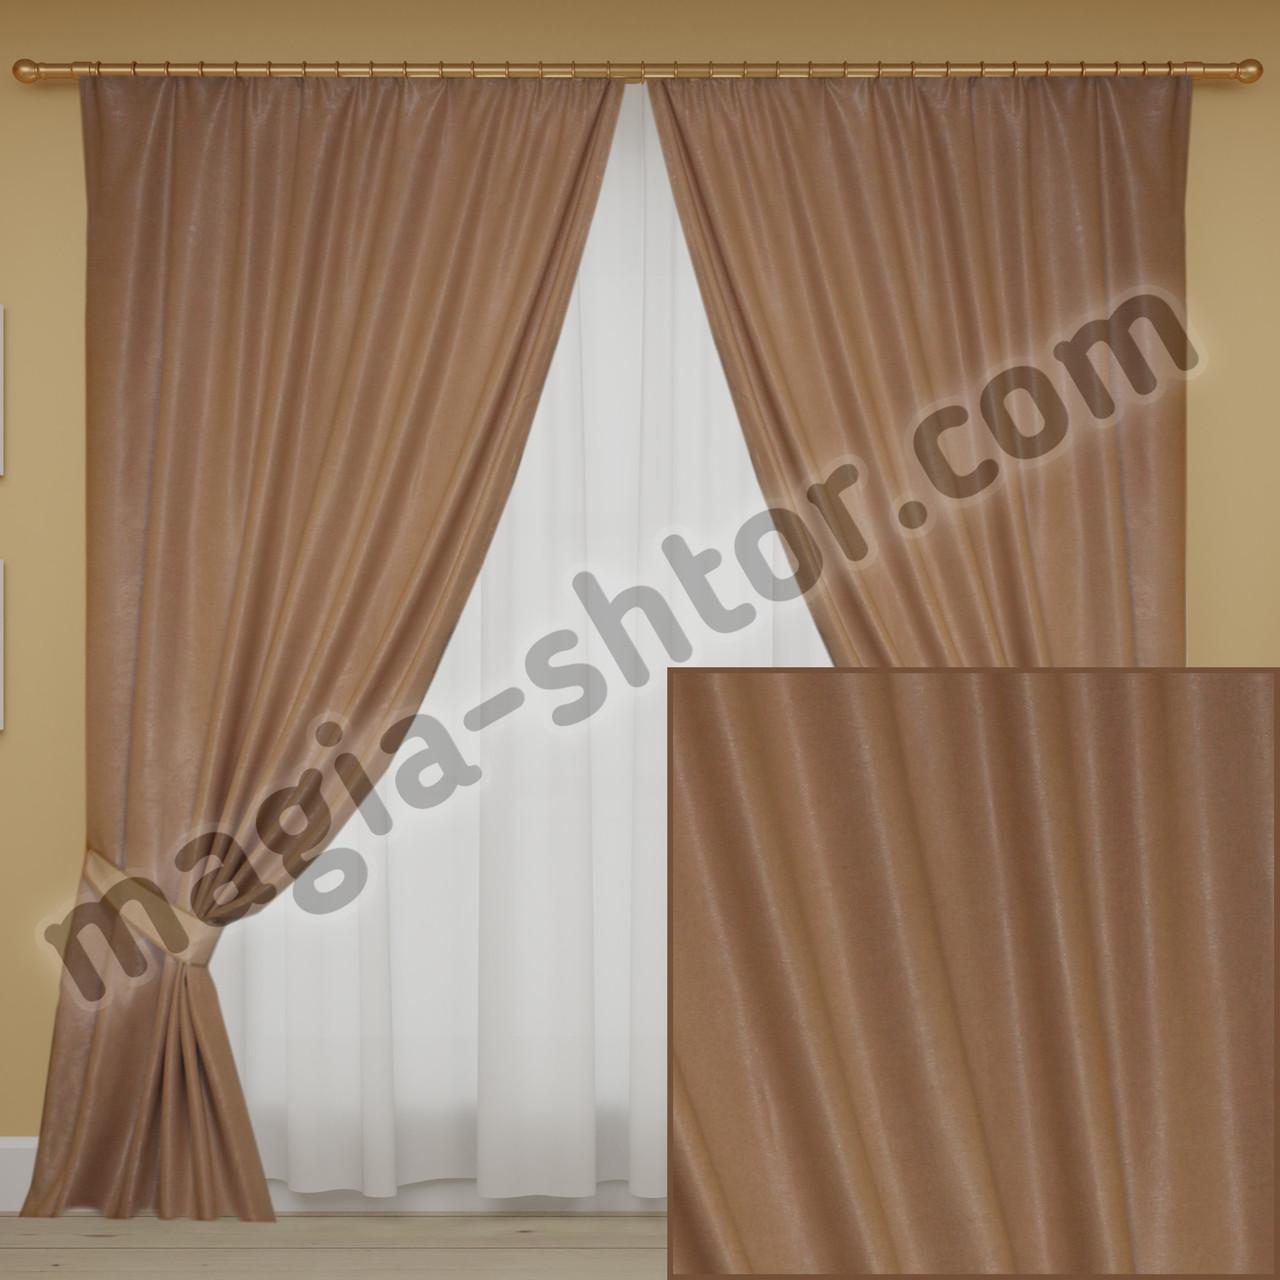 Готовые шторы для гостиной, спальни. Софт. Турция. Цена за пару